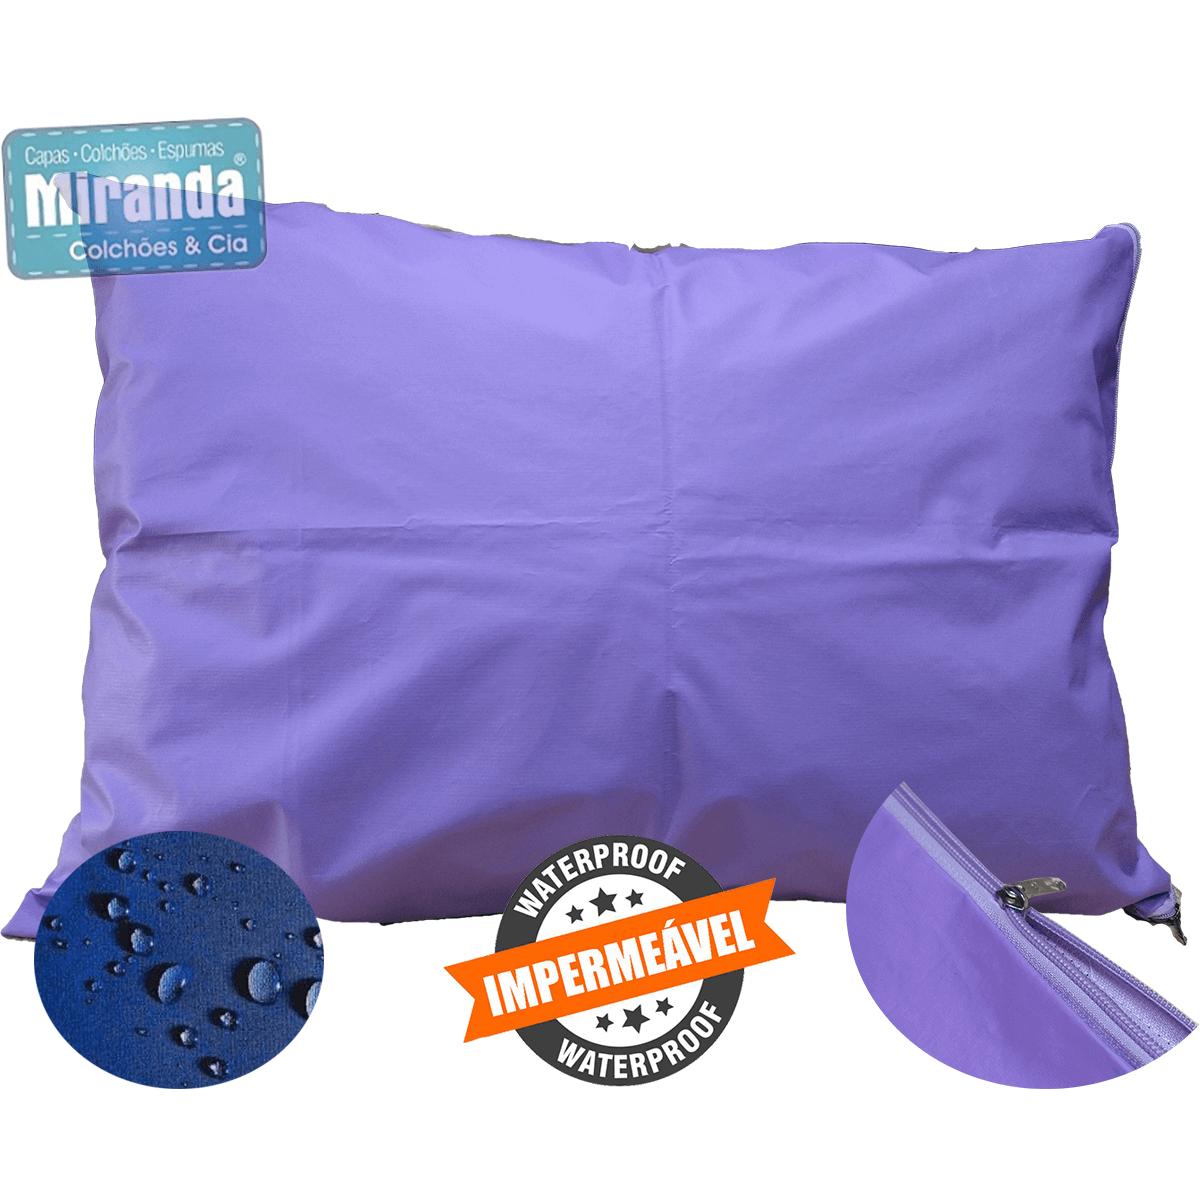 Travesseiro Hospitalar: Capa Impermeável + Refil de Espuma - Coloridas  - Miranda Colchões